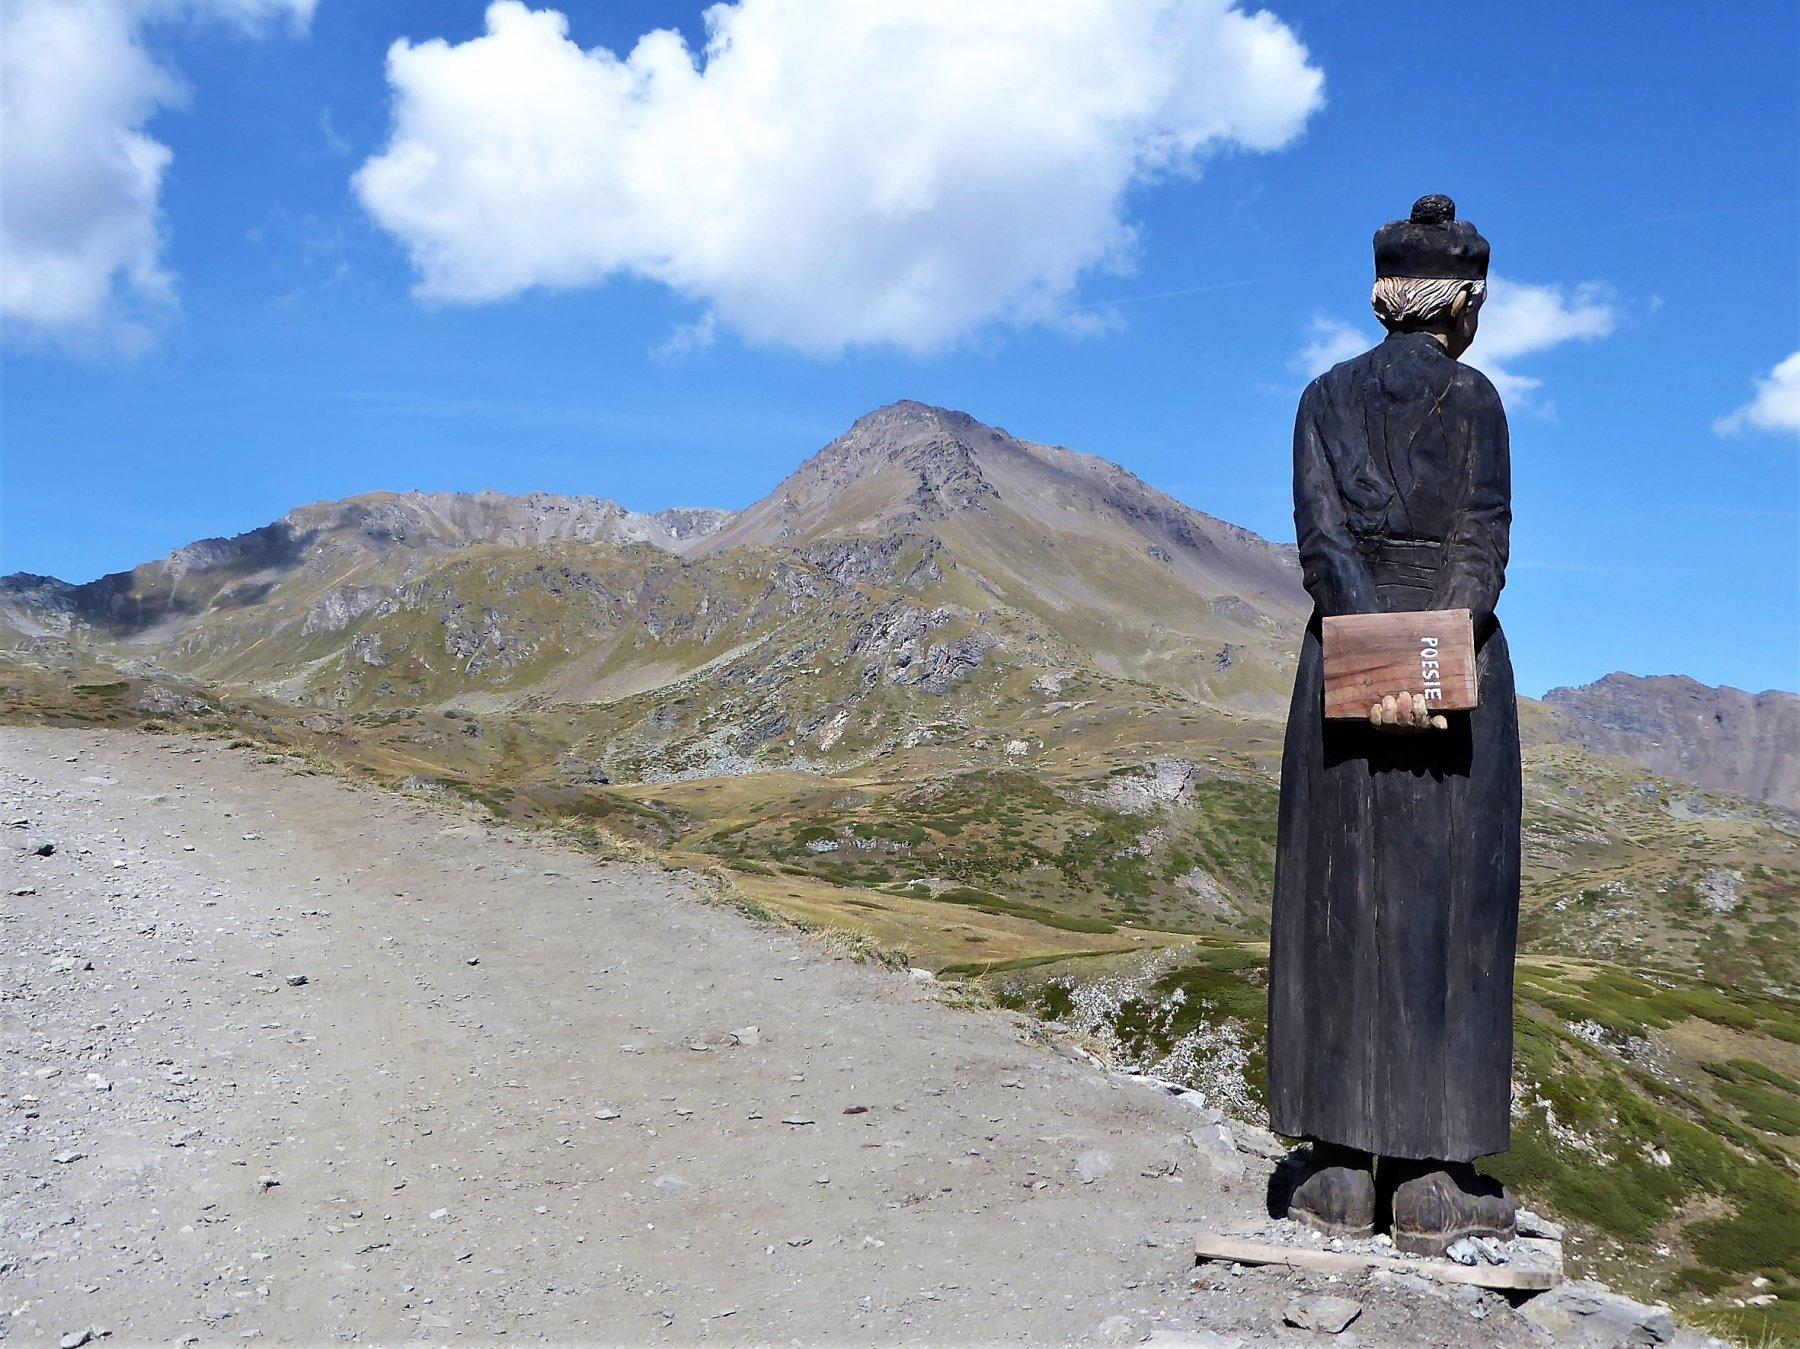 il Fallere osservato in religioso silenzio...